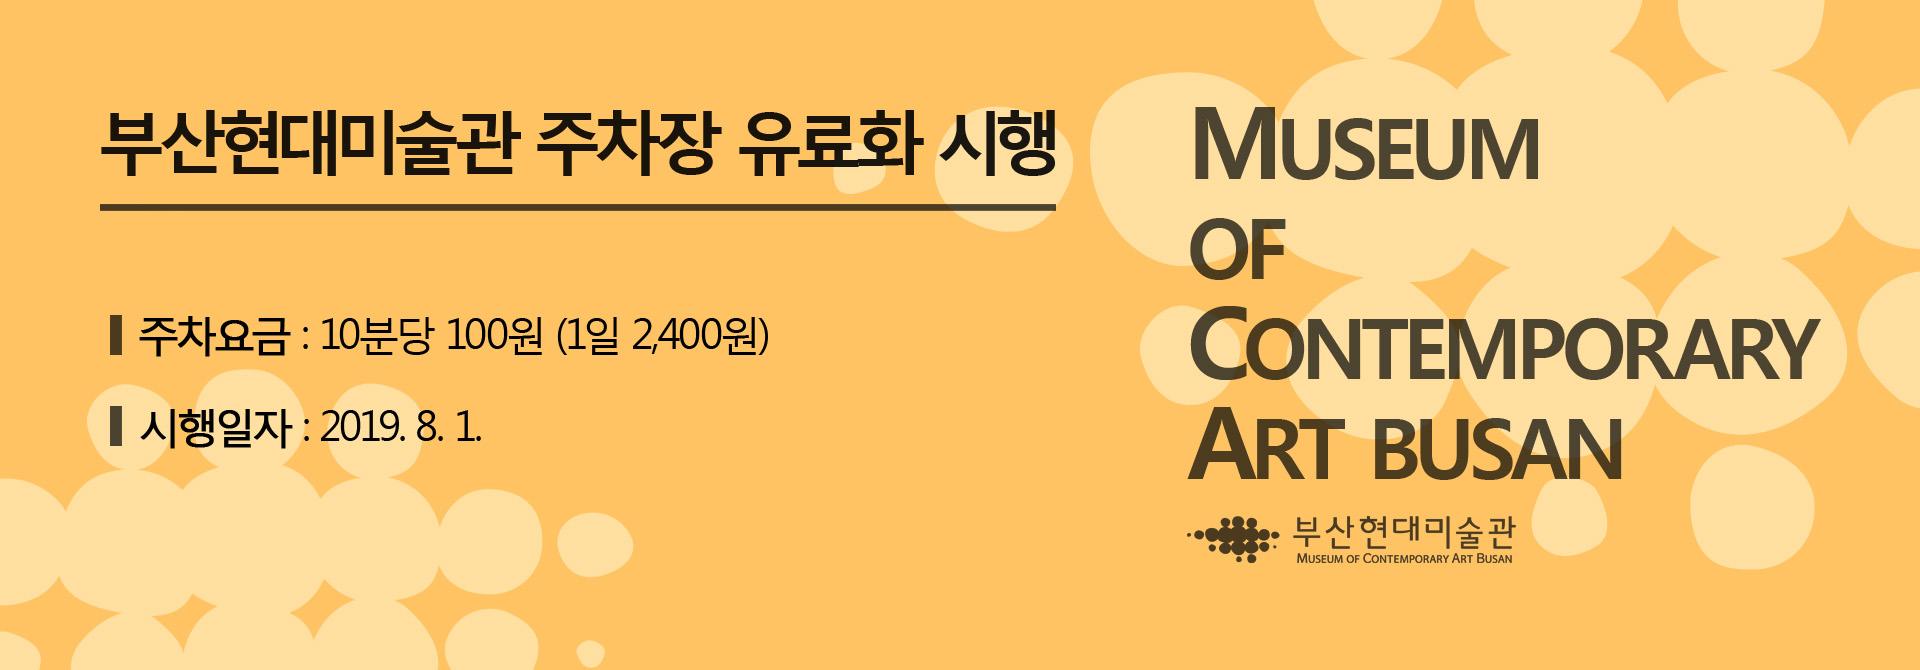 부산현대미술관 주차장 유료화 시행 Museum of Contemporary Art BUSAN 부산현대미술관 주차요금 : 10분당 100원 (1일 2,400월) 시행일자 : 2019.8.1